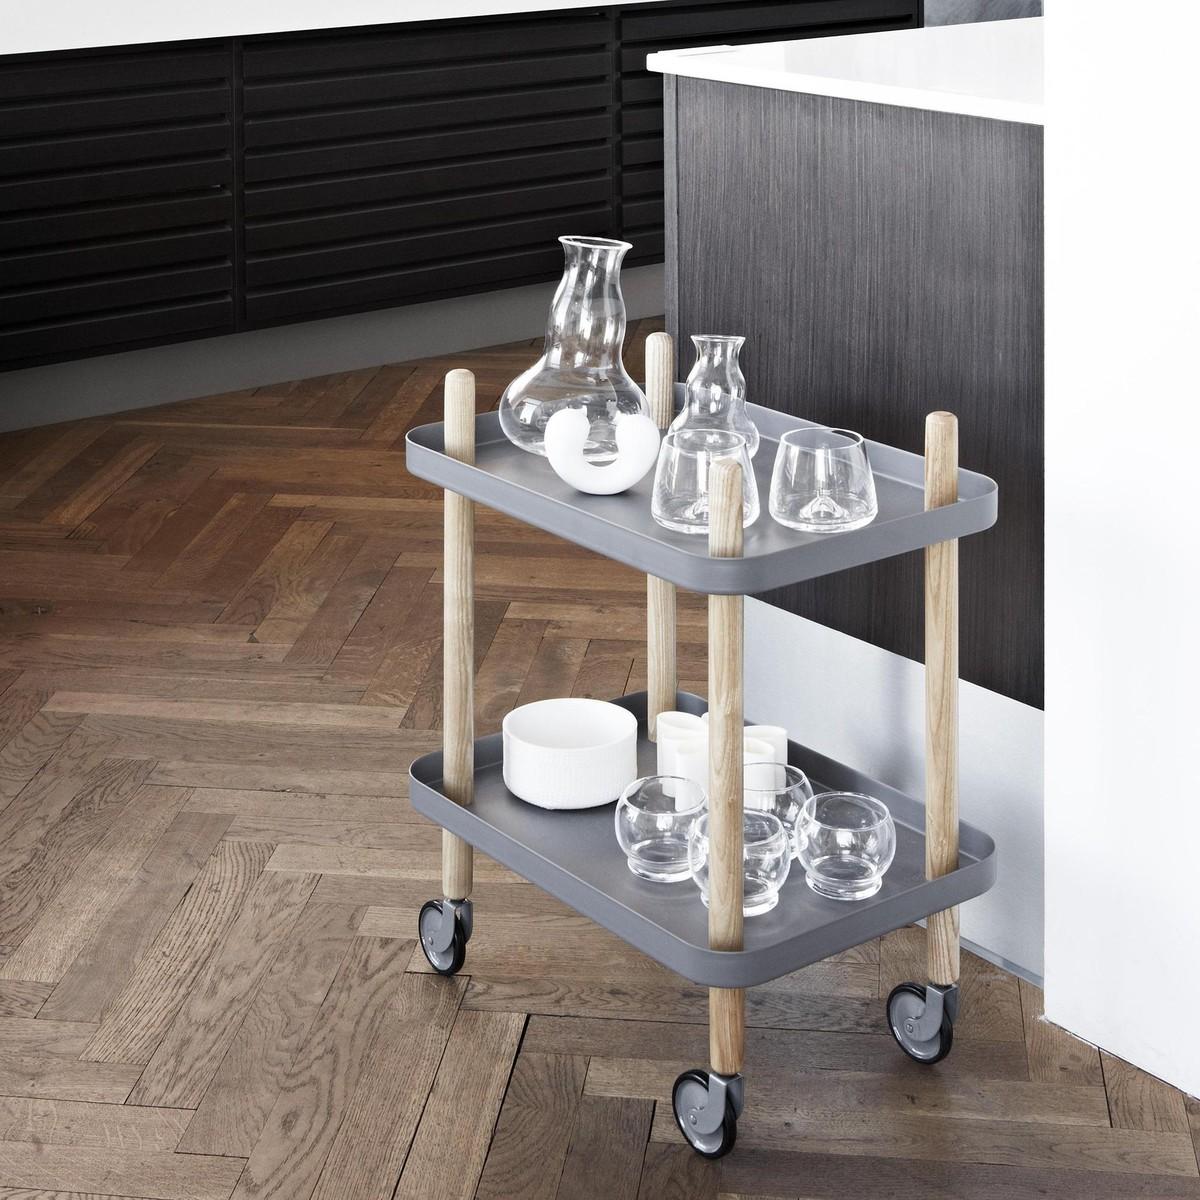 block beistelltisch servierwagen normann. Black Bedroom Furniture Sets. Home Design Ideas